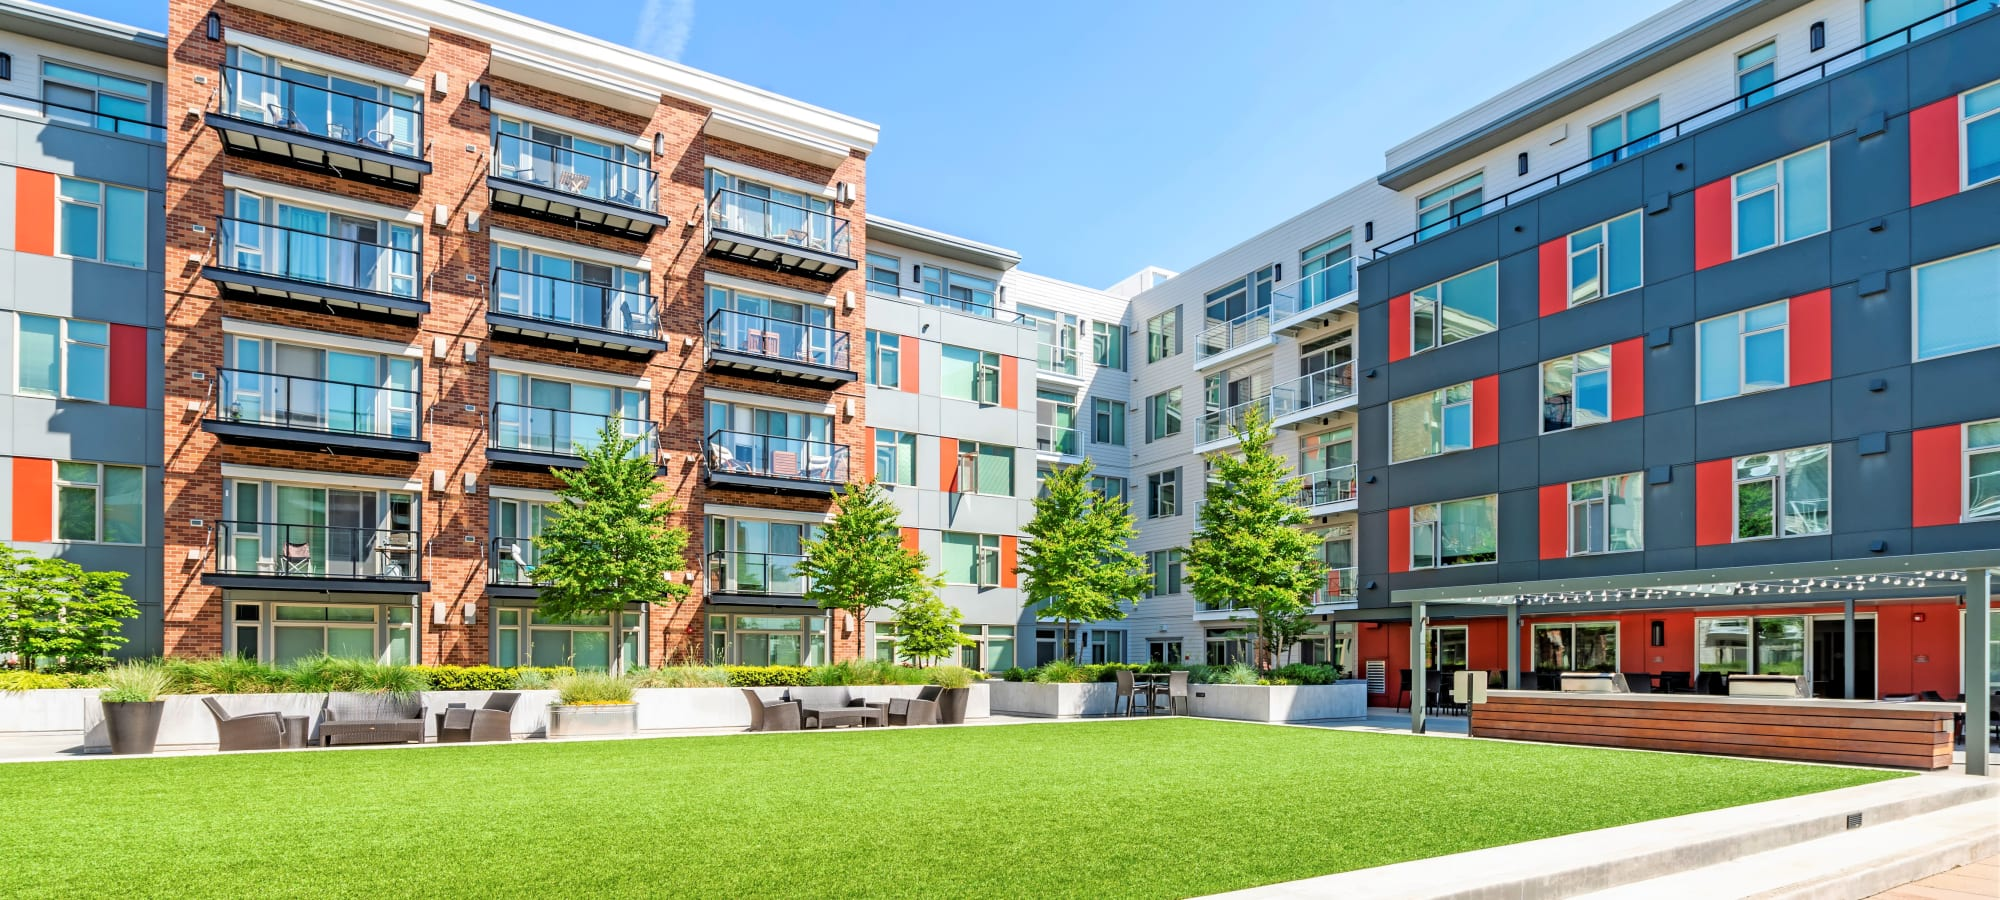 Apartments at The Maverick in Burien, Washington